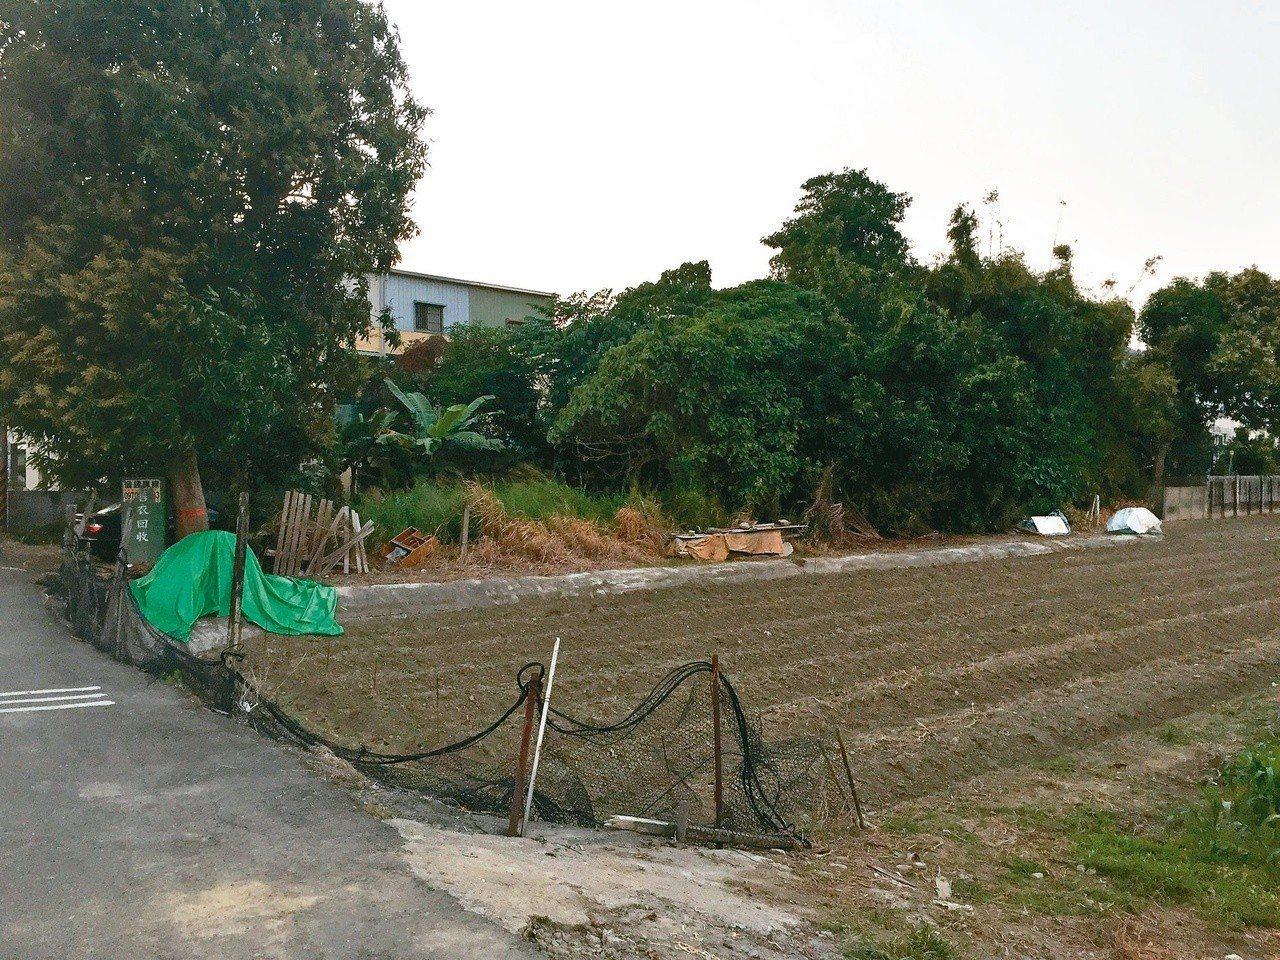 居家附近常見的農田。